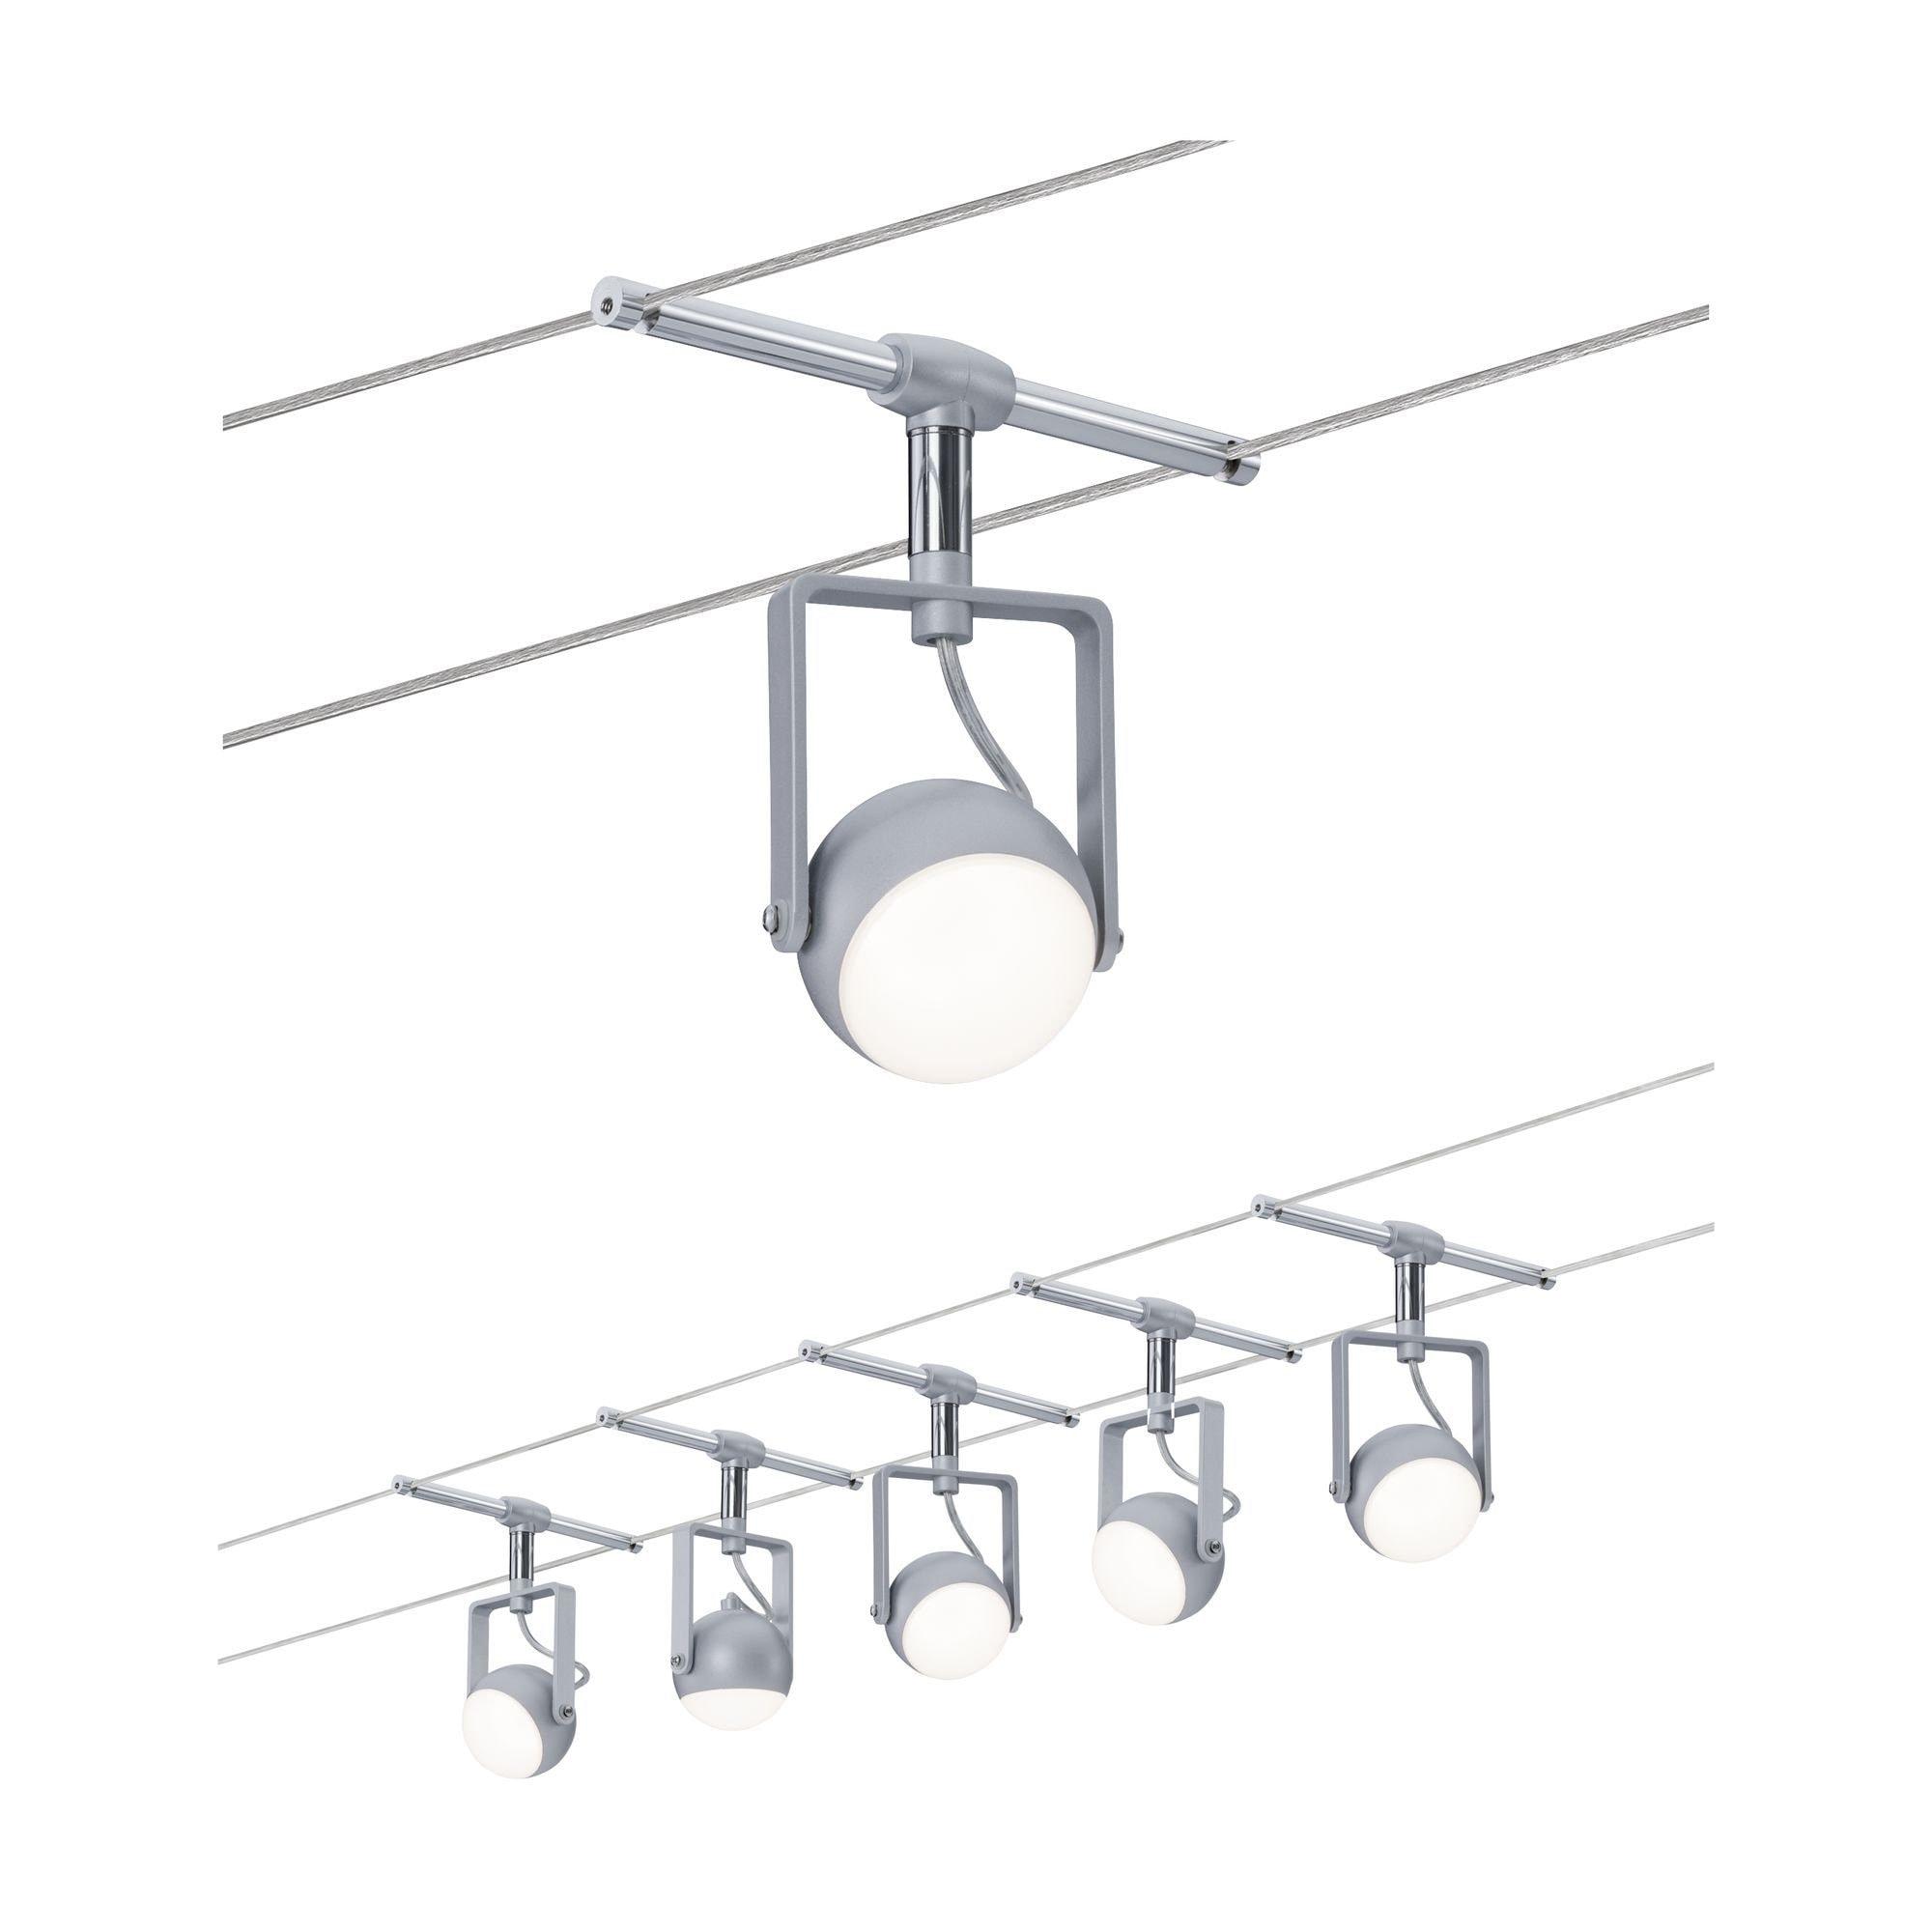 Paulmann LED Deckenleuchte Seilsystem OrbLED 5x4W Weiß/Schwarz/Chrom, 1 St., Warmweiß